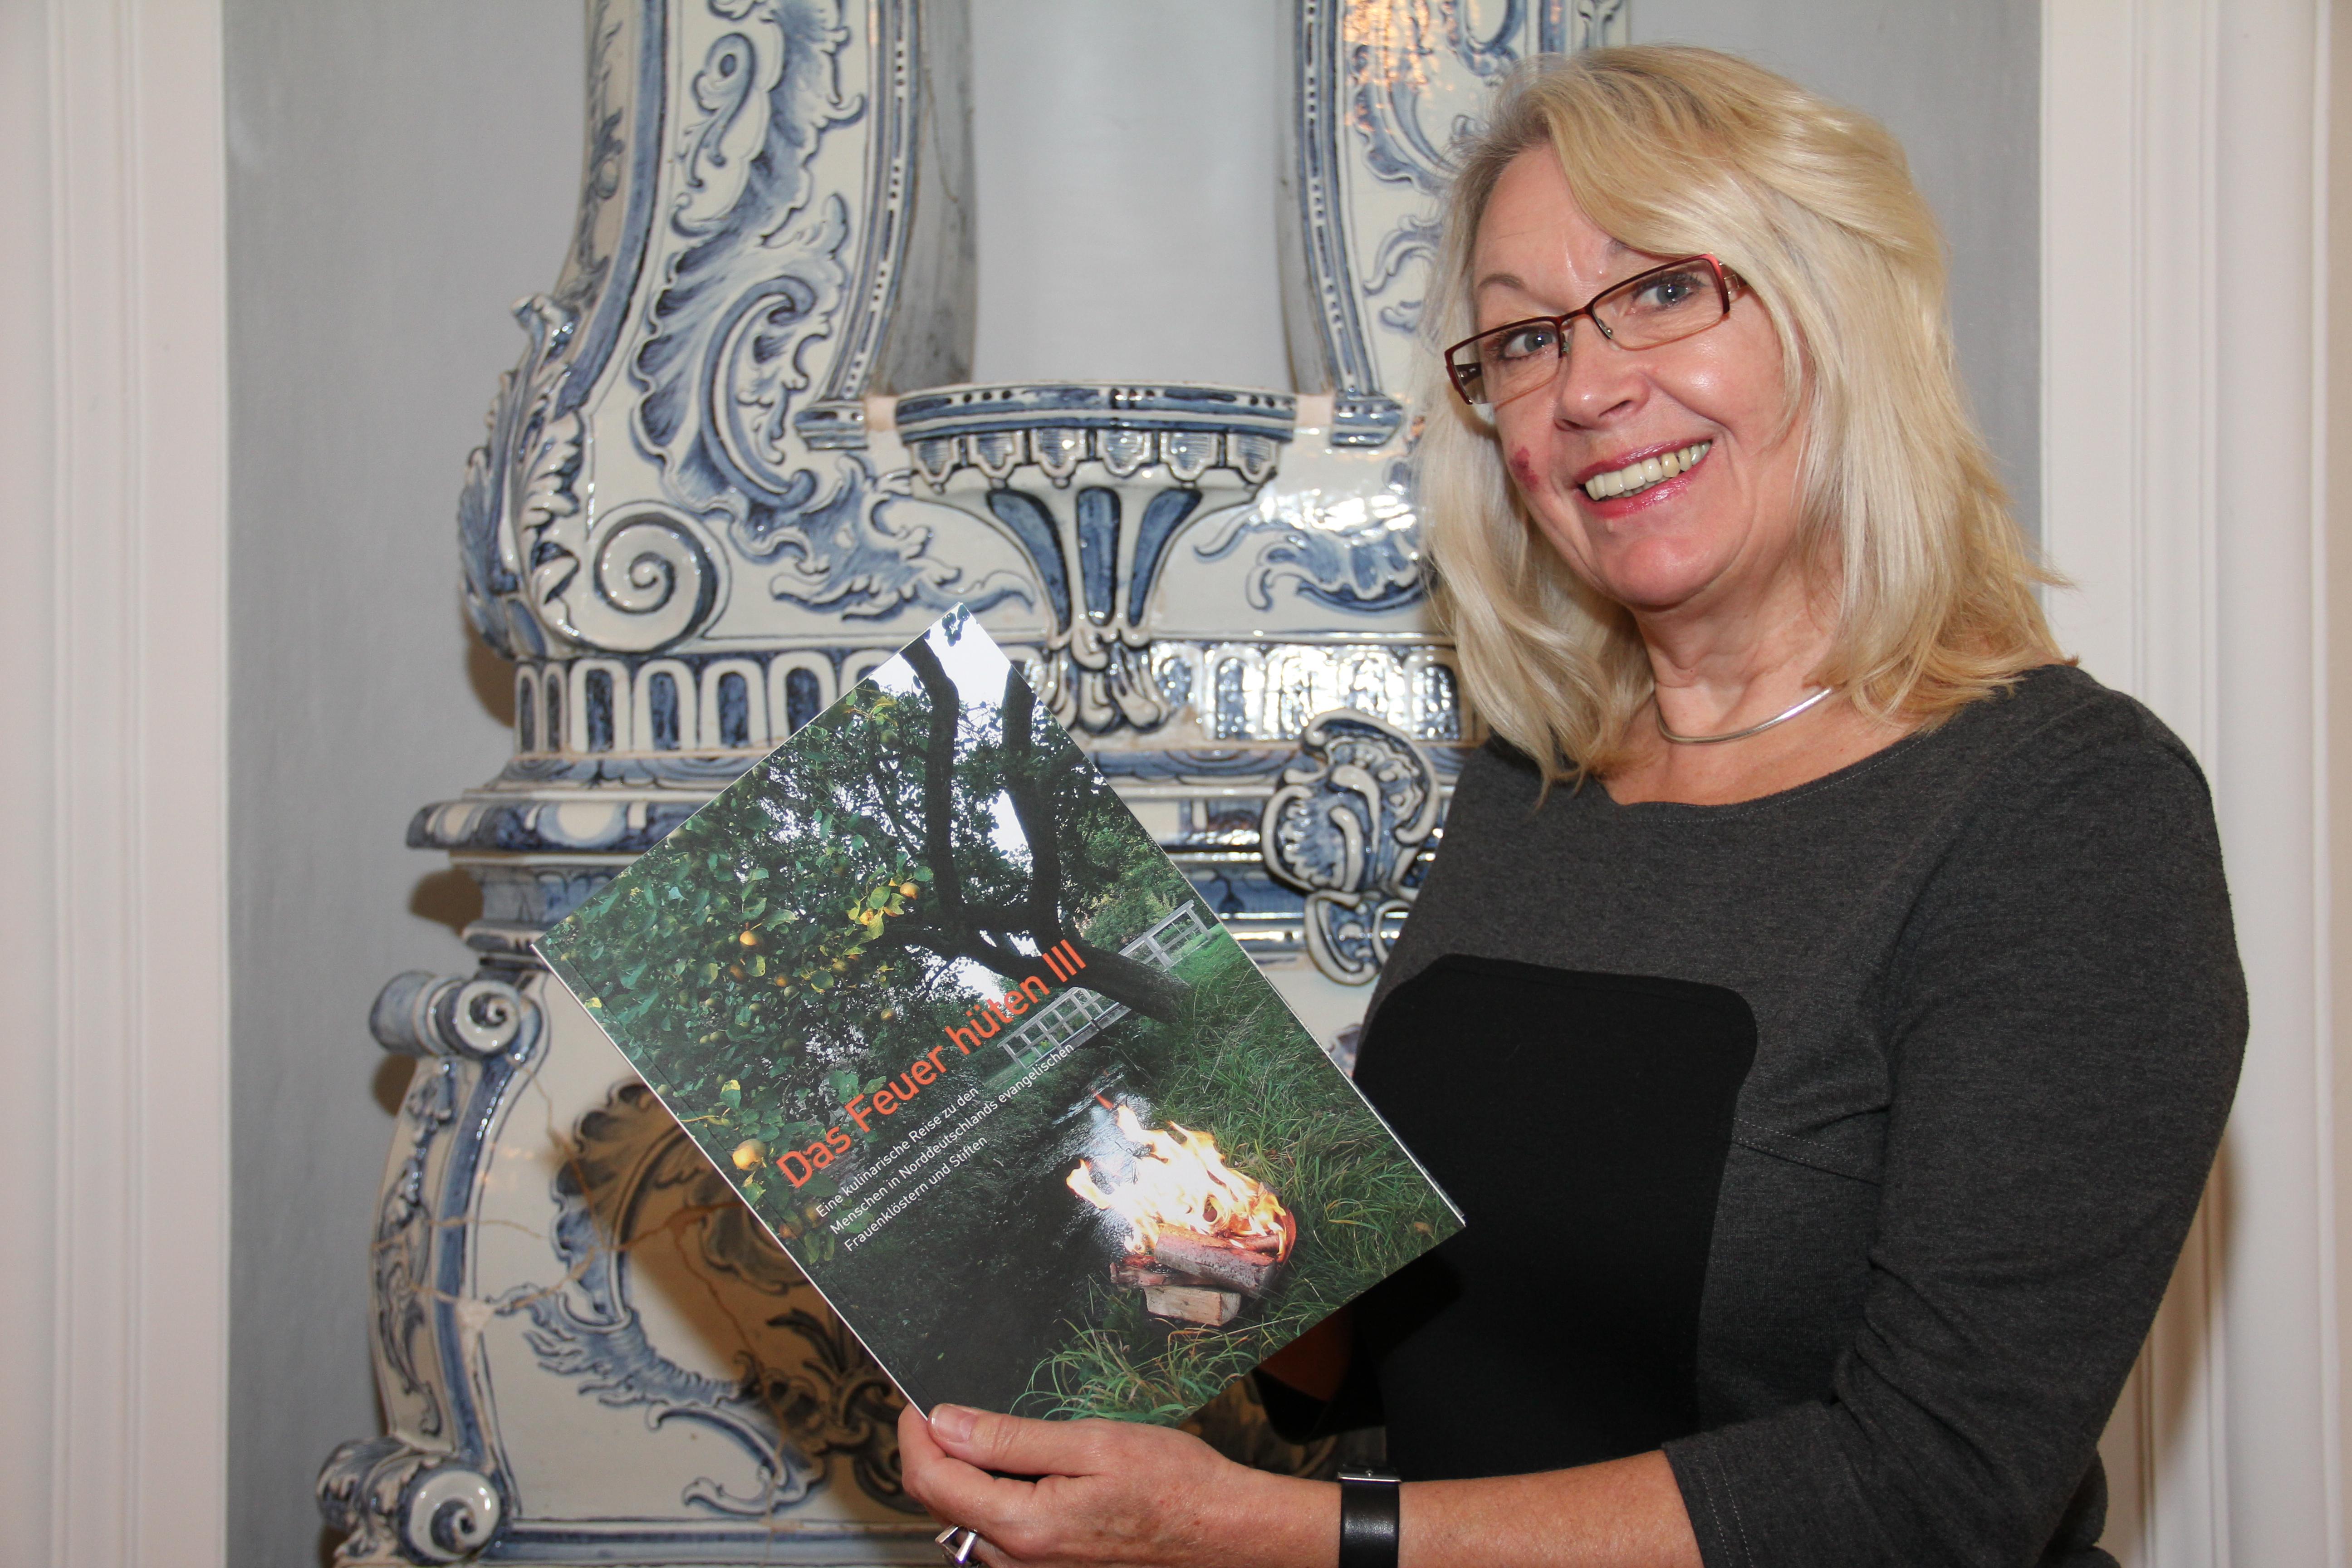 Äbtissin Woitack nimmt die neue Ausgabe in Empfang, Foto: Kristina Weidelhofer